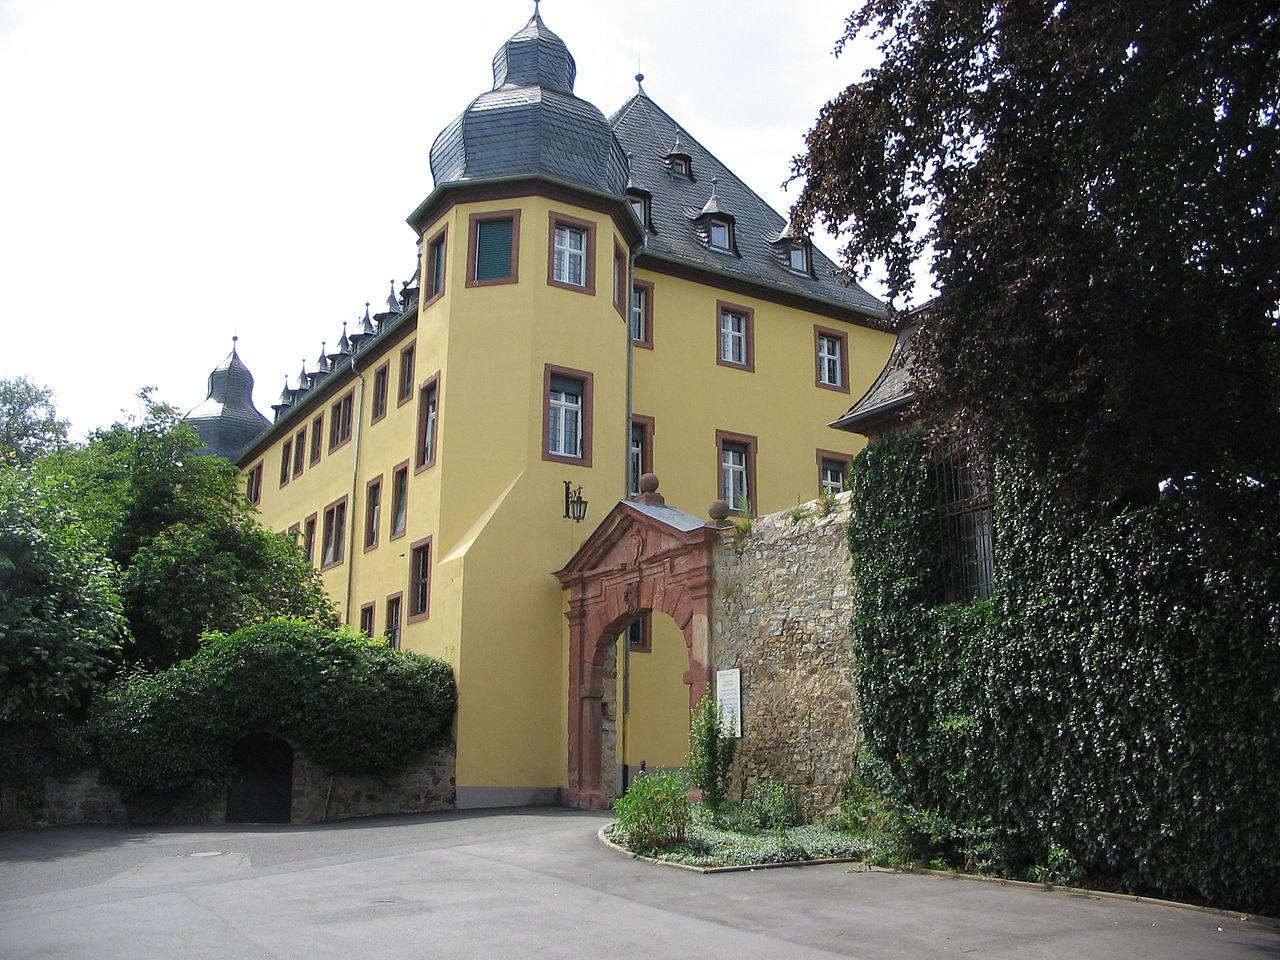 Bild Schloss Vollrads Oestrich Winkel